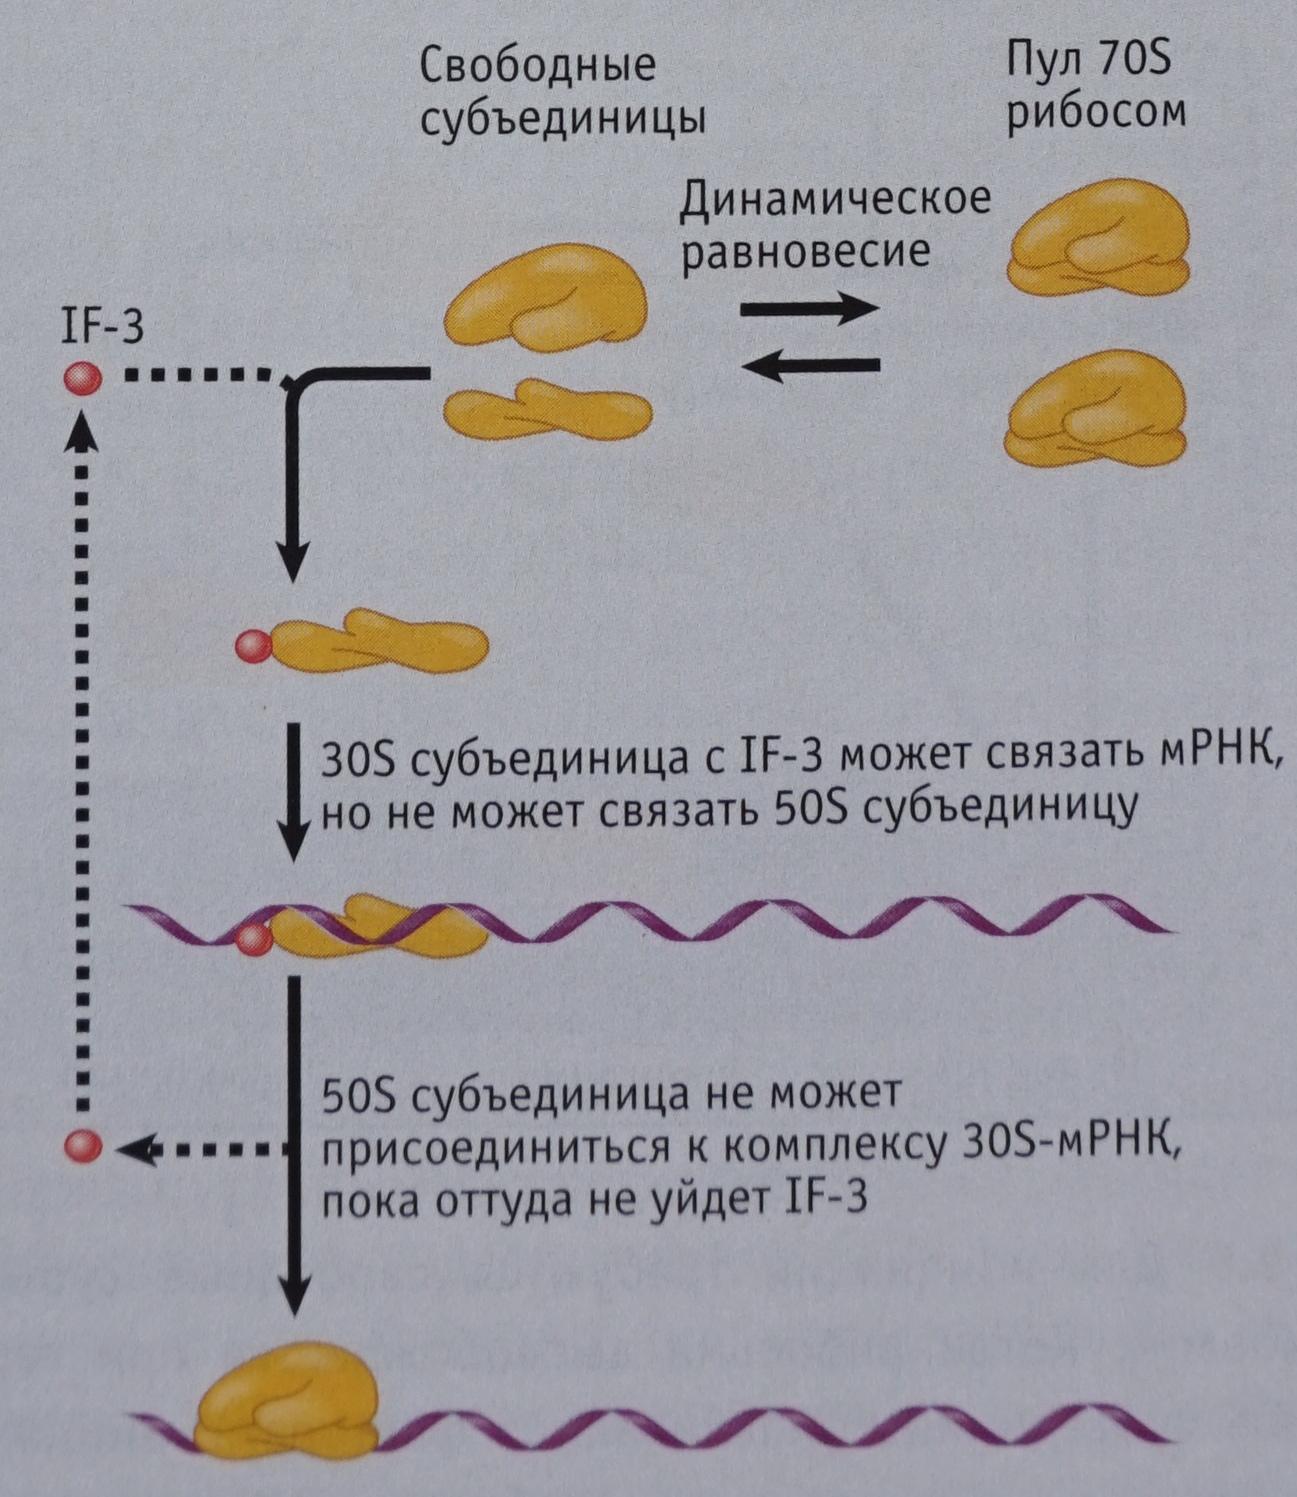 Взаимодействие IF-3 и рибосом